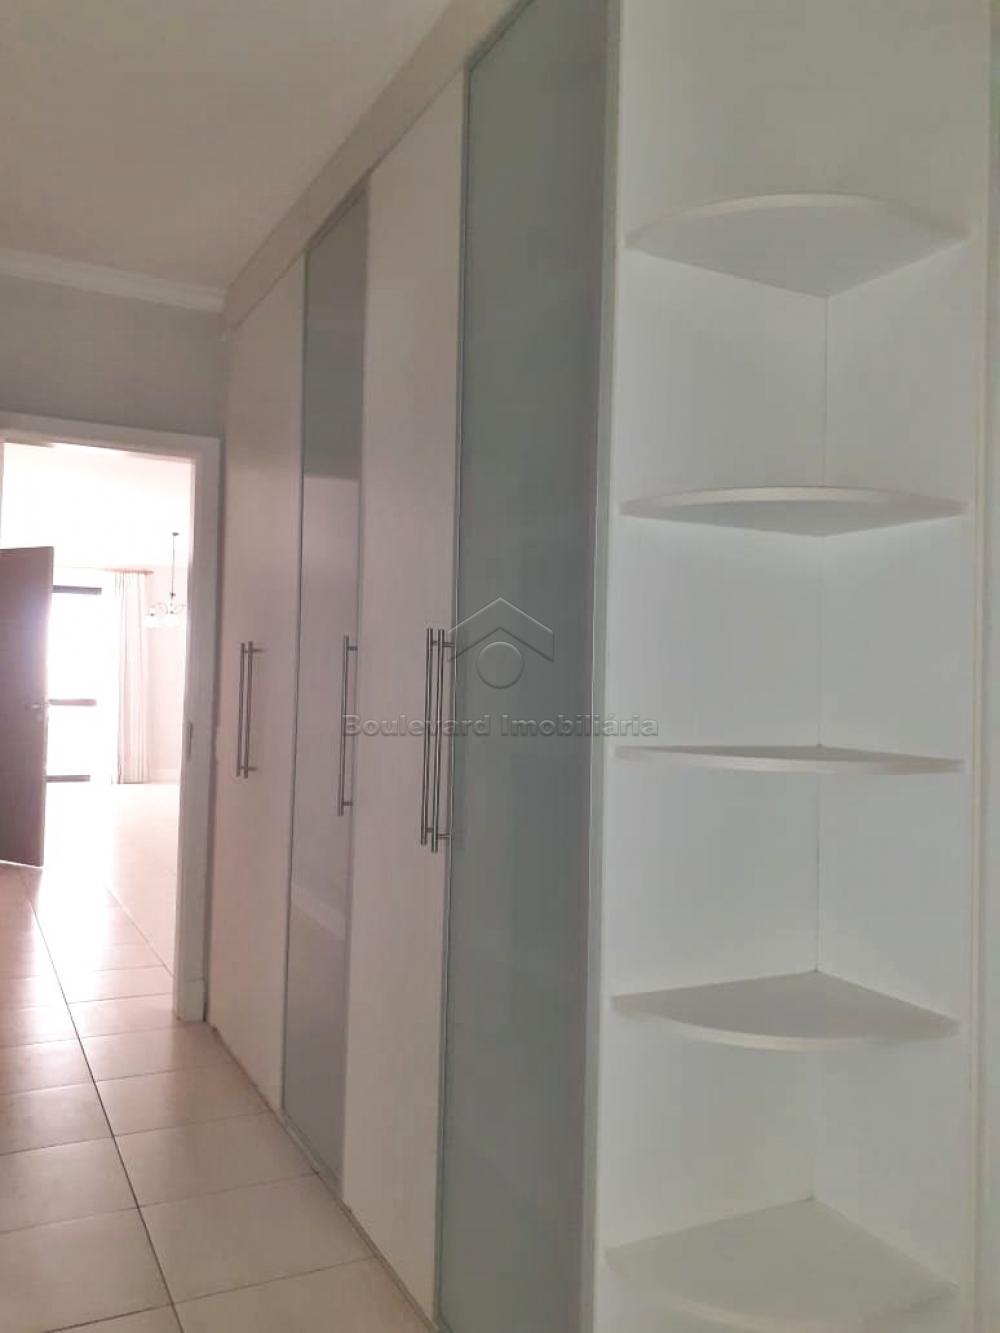 Alugar Apartamento / Padrão em Ribeirão Preto R$ 5.000,00 - Foto 16